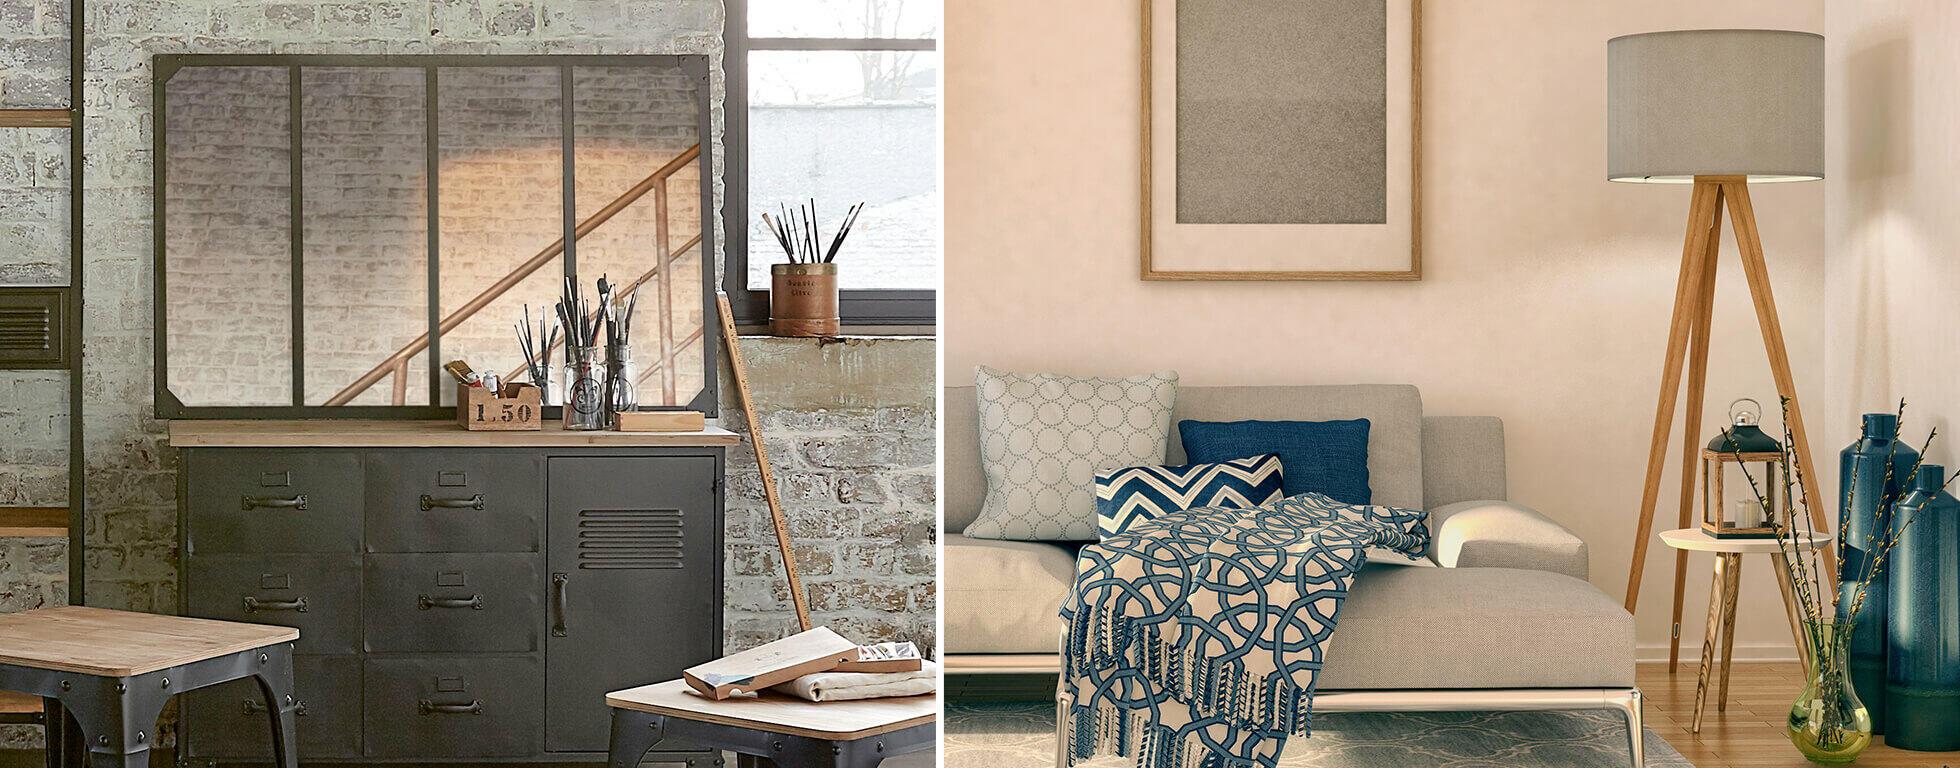 habitación decorada con espejo industrial y textil tendencia